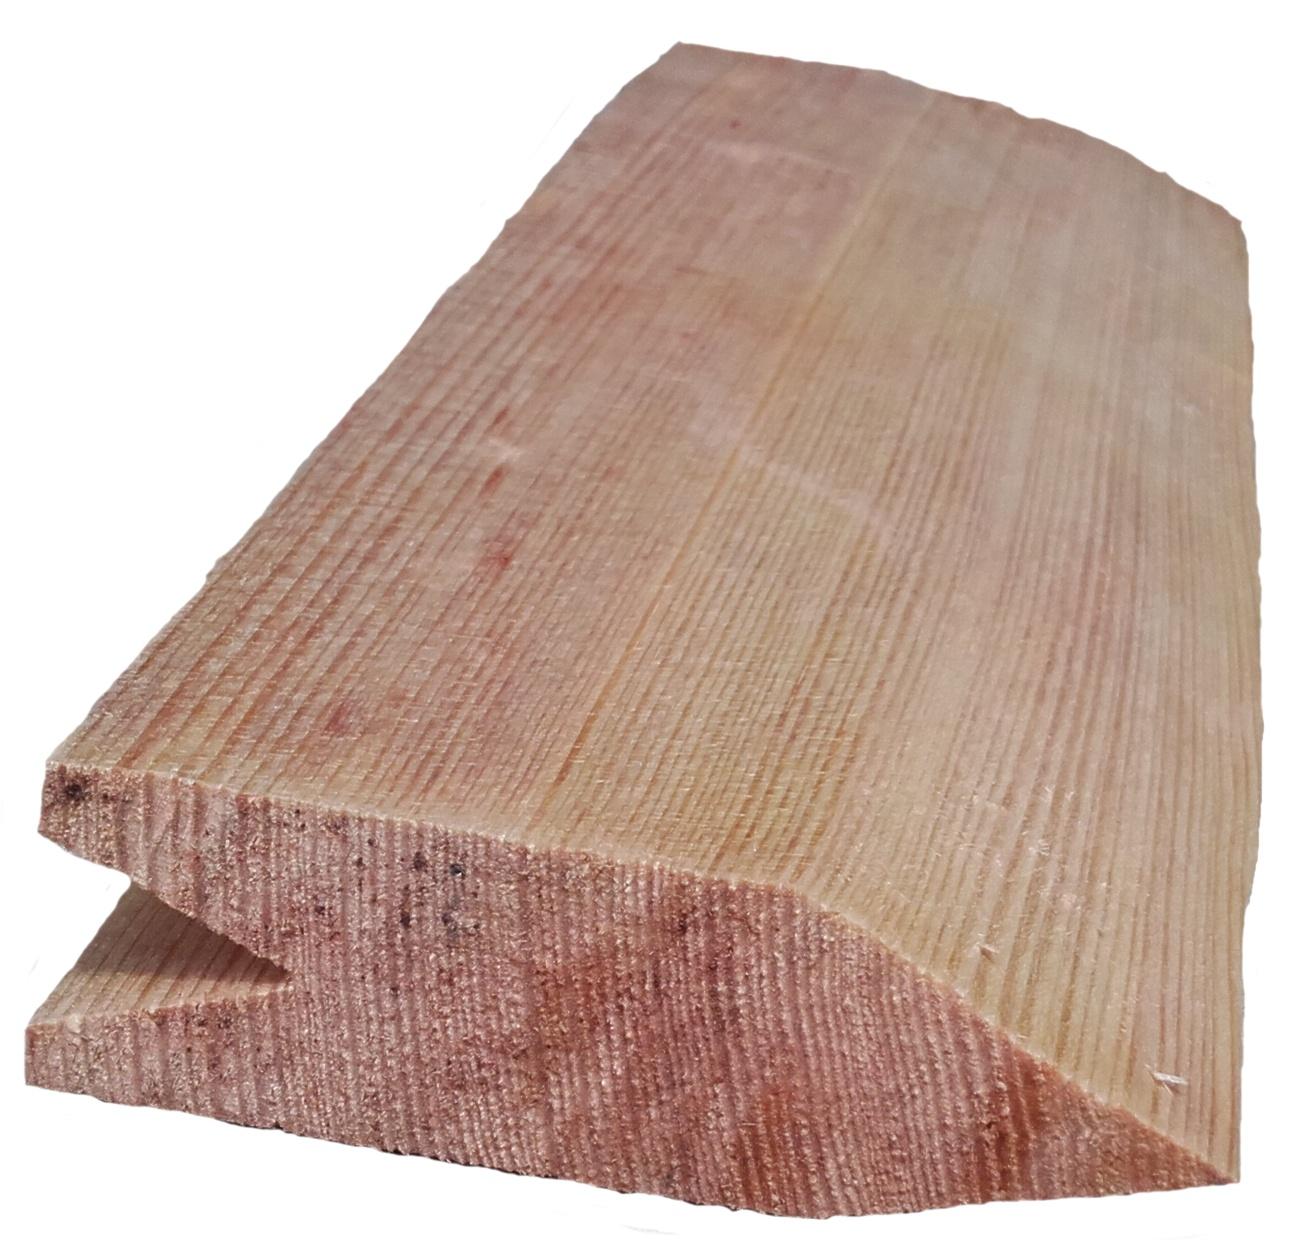 Jak se vyrábí tradiční štípaný šindel? Je to precizní a tradiční práce